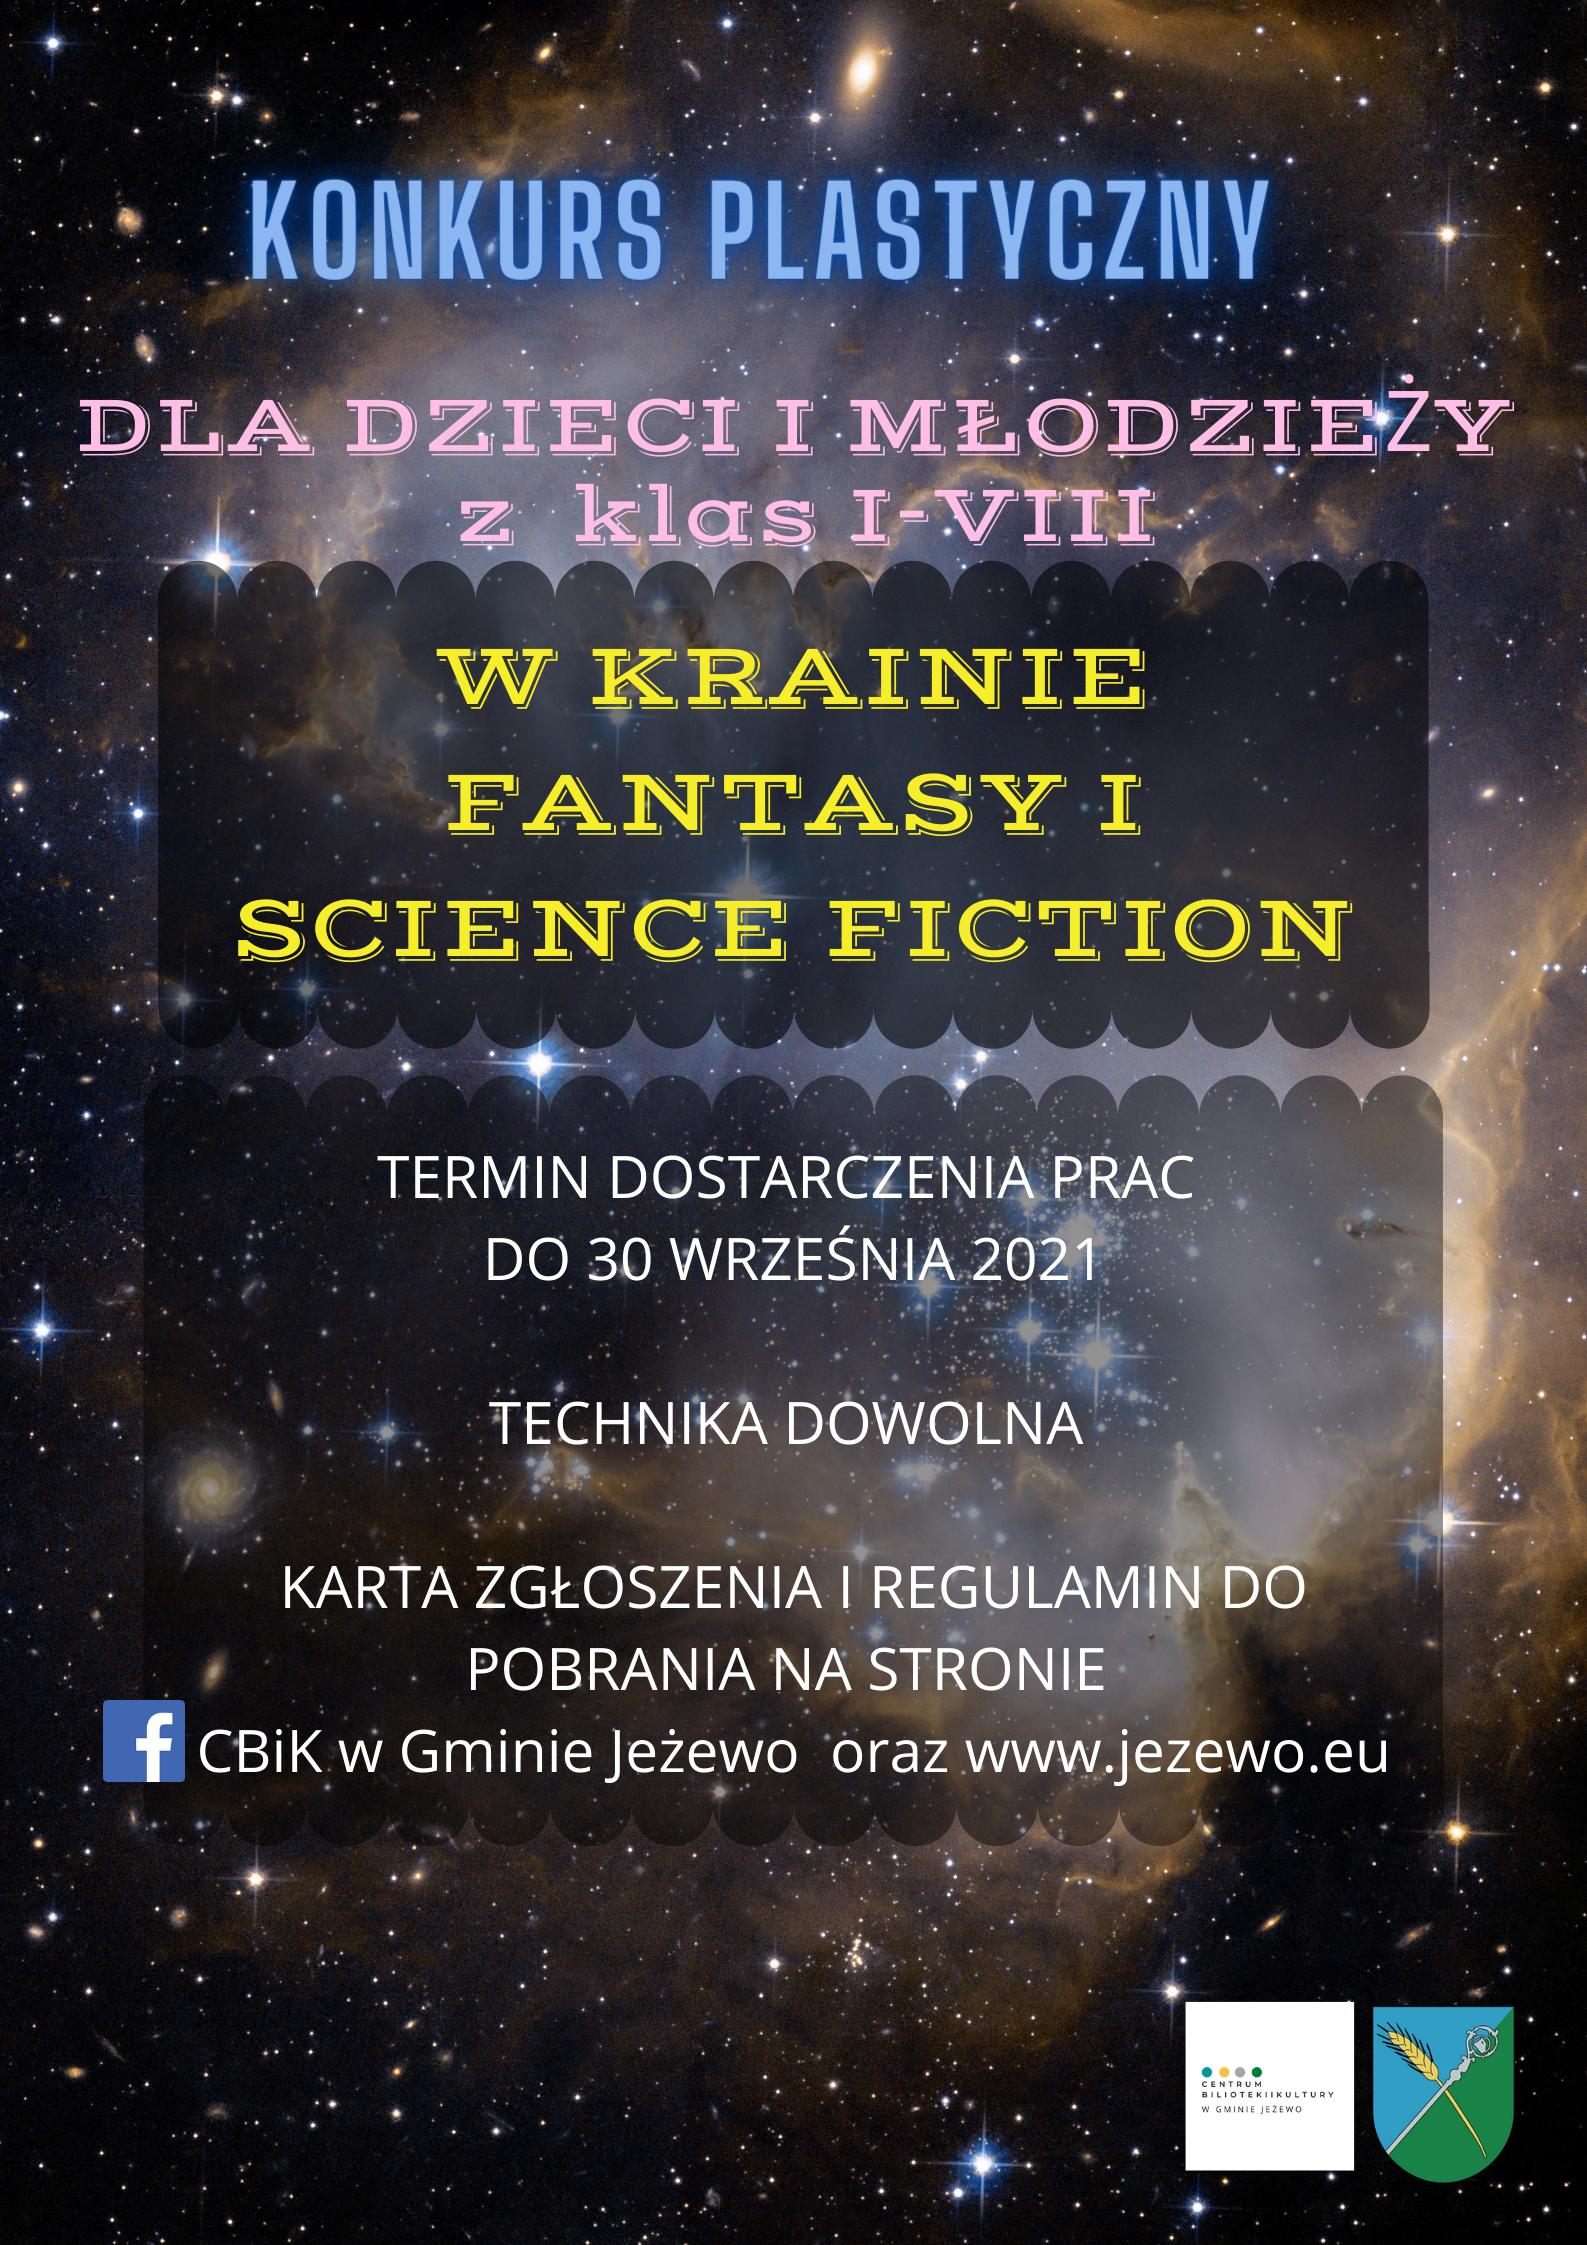 KONKURS W krainie fantasy i science fiction